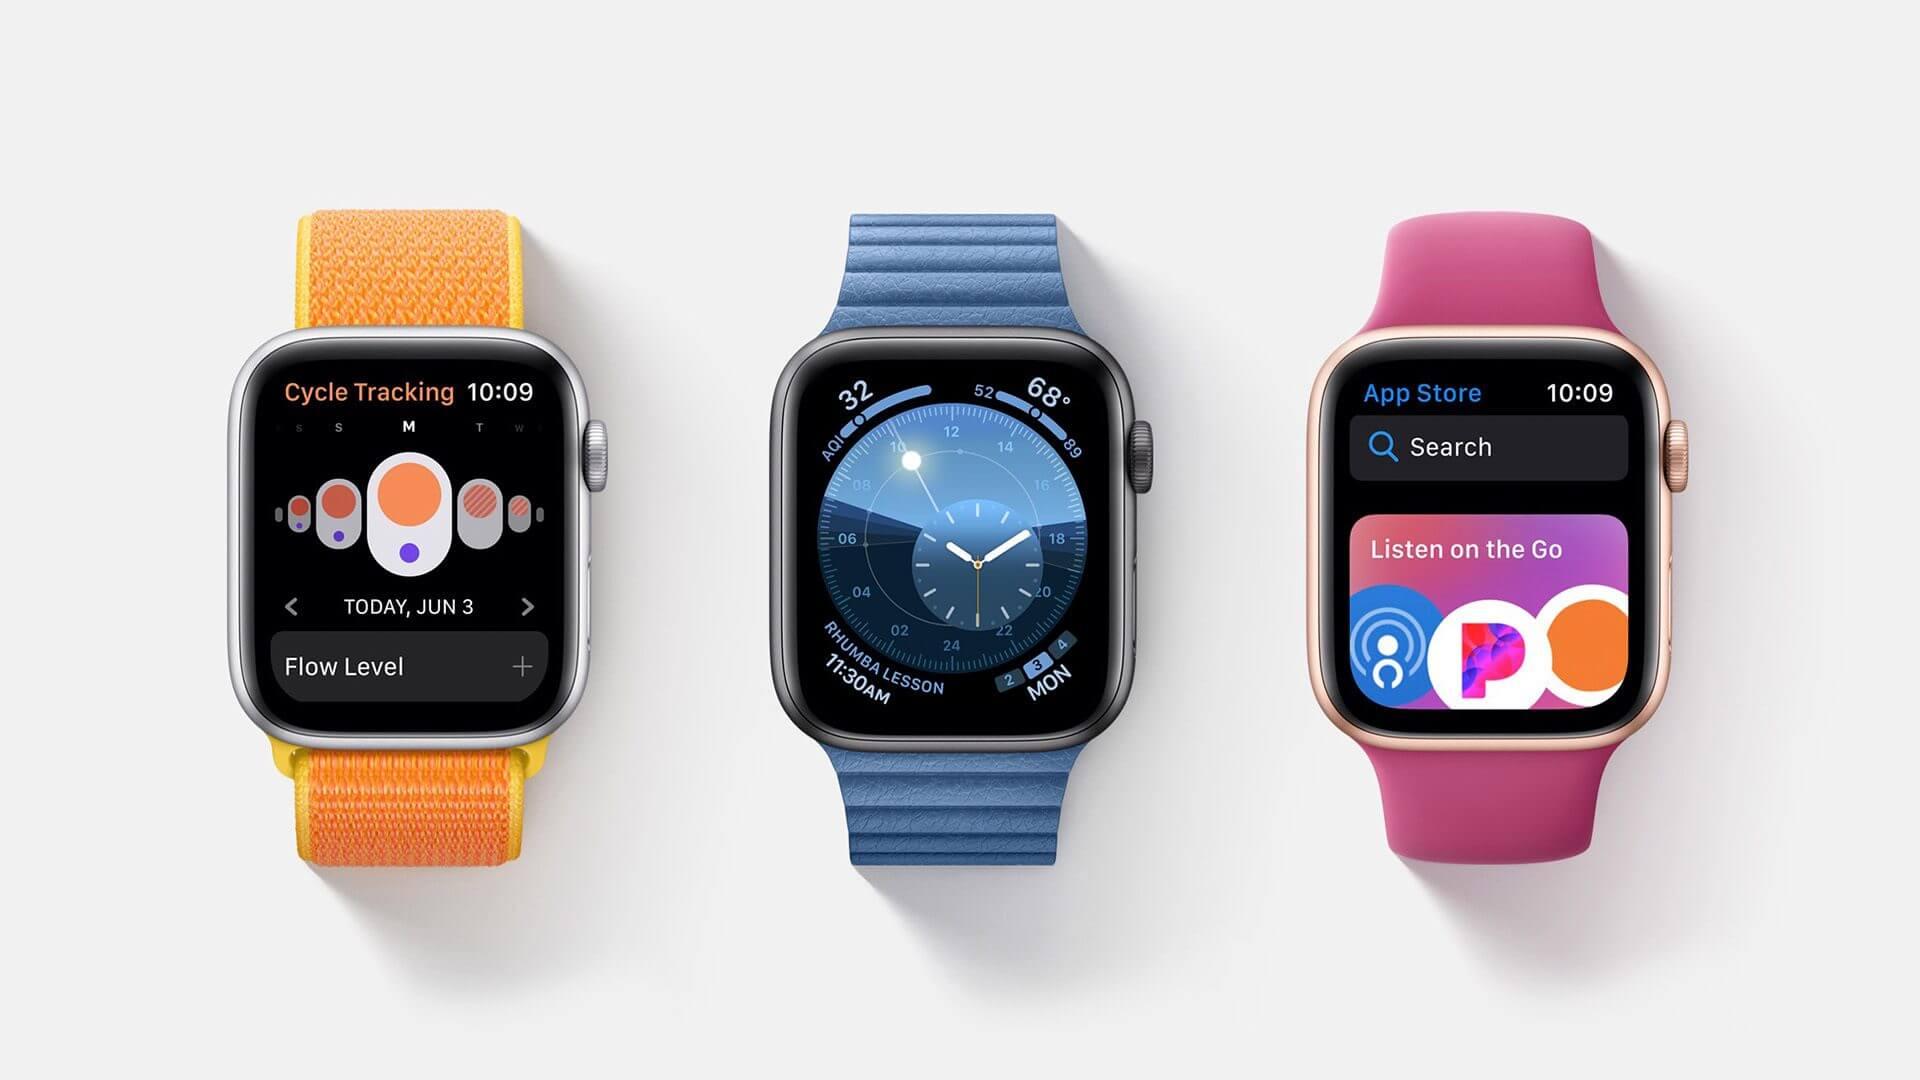 Стрим Apple на YouTube для сентябрьского мероприятия включает ссылку на объявление Apple Watch Series 6